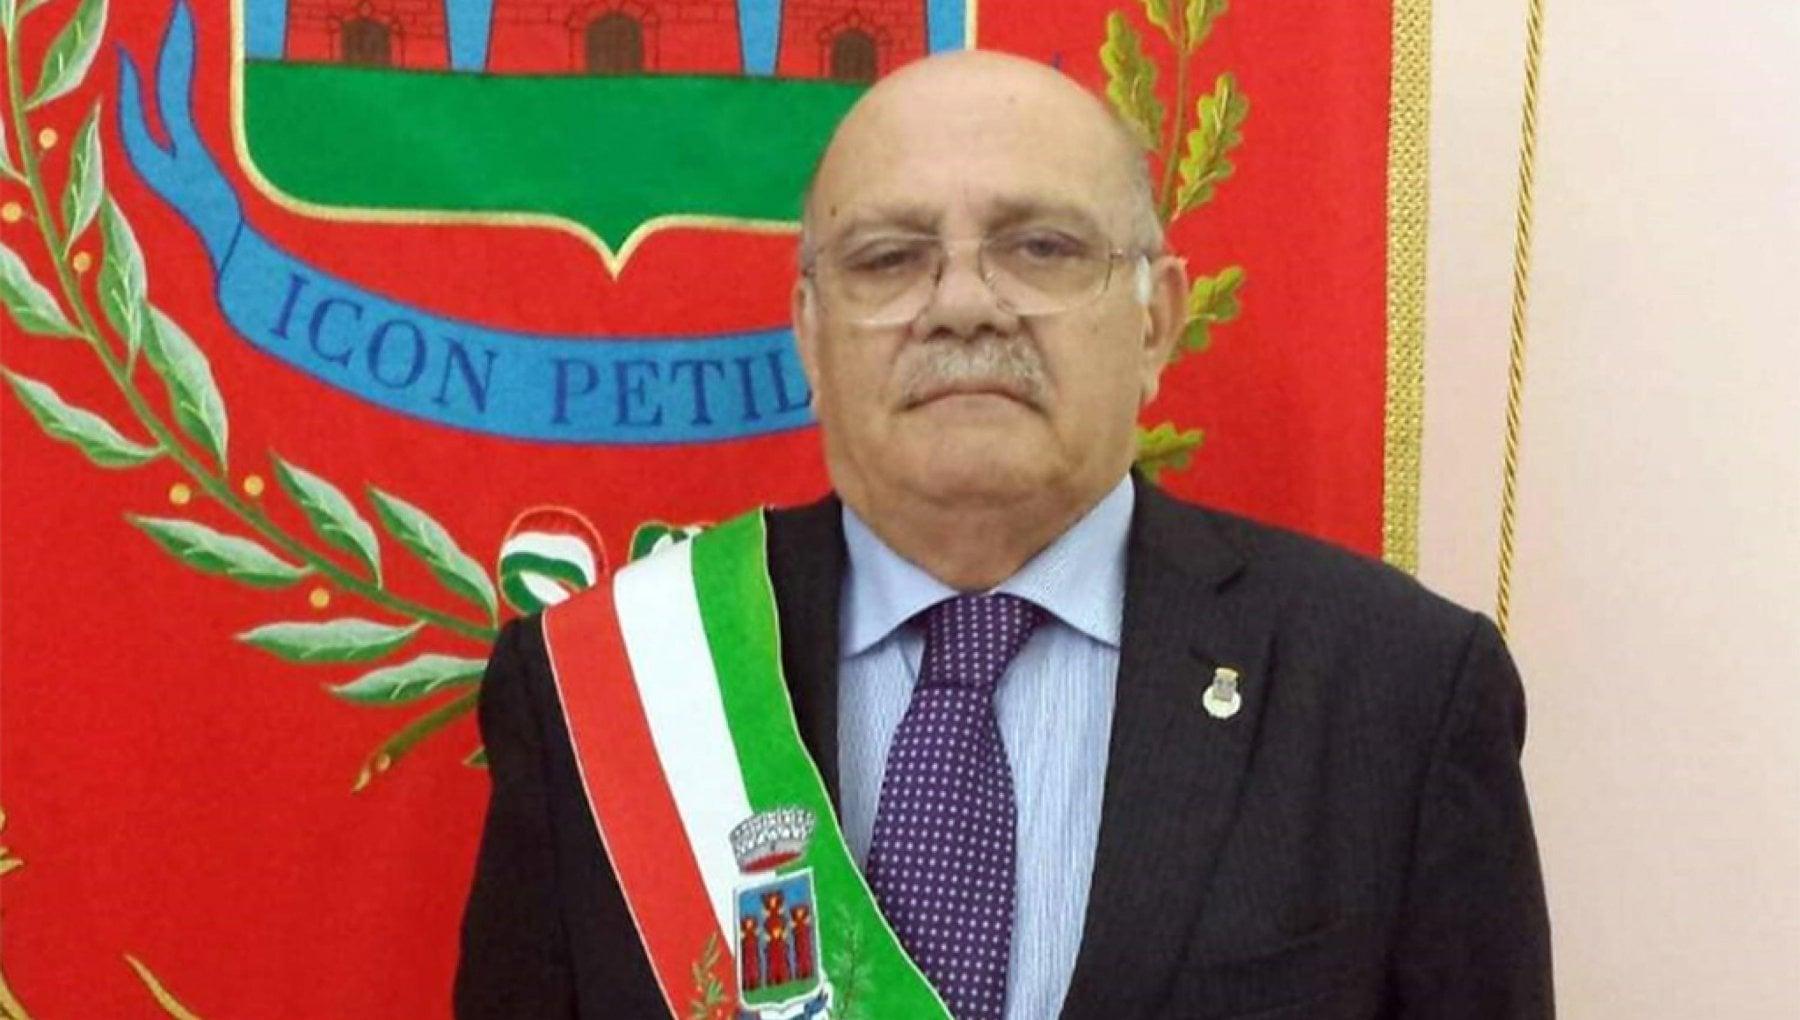 171830174 b0fd5799 76a0 4026 9b8b 6b45ddf2e9b8 - Calabria, sindaco di Petilia accusato di violenza sessuale e concussione